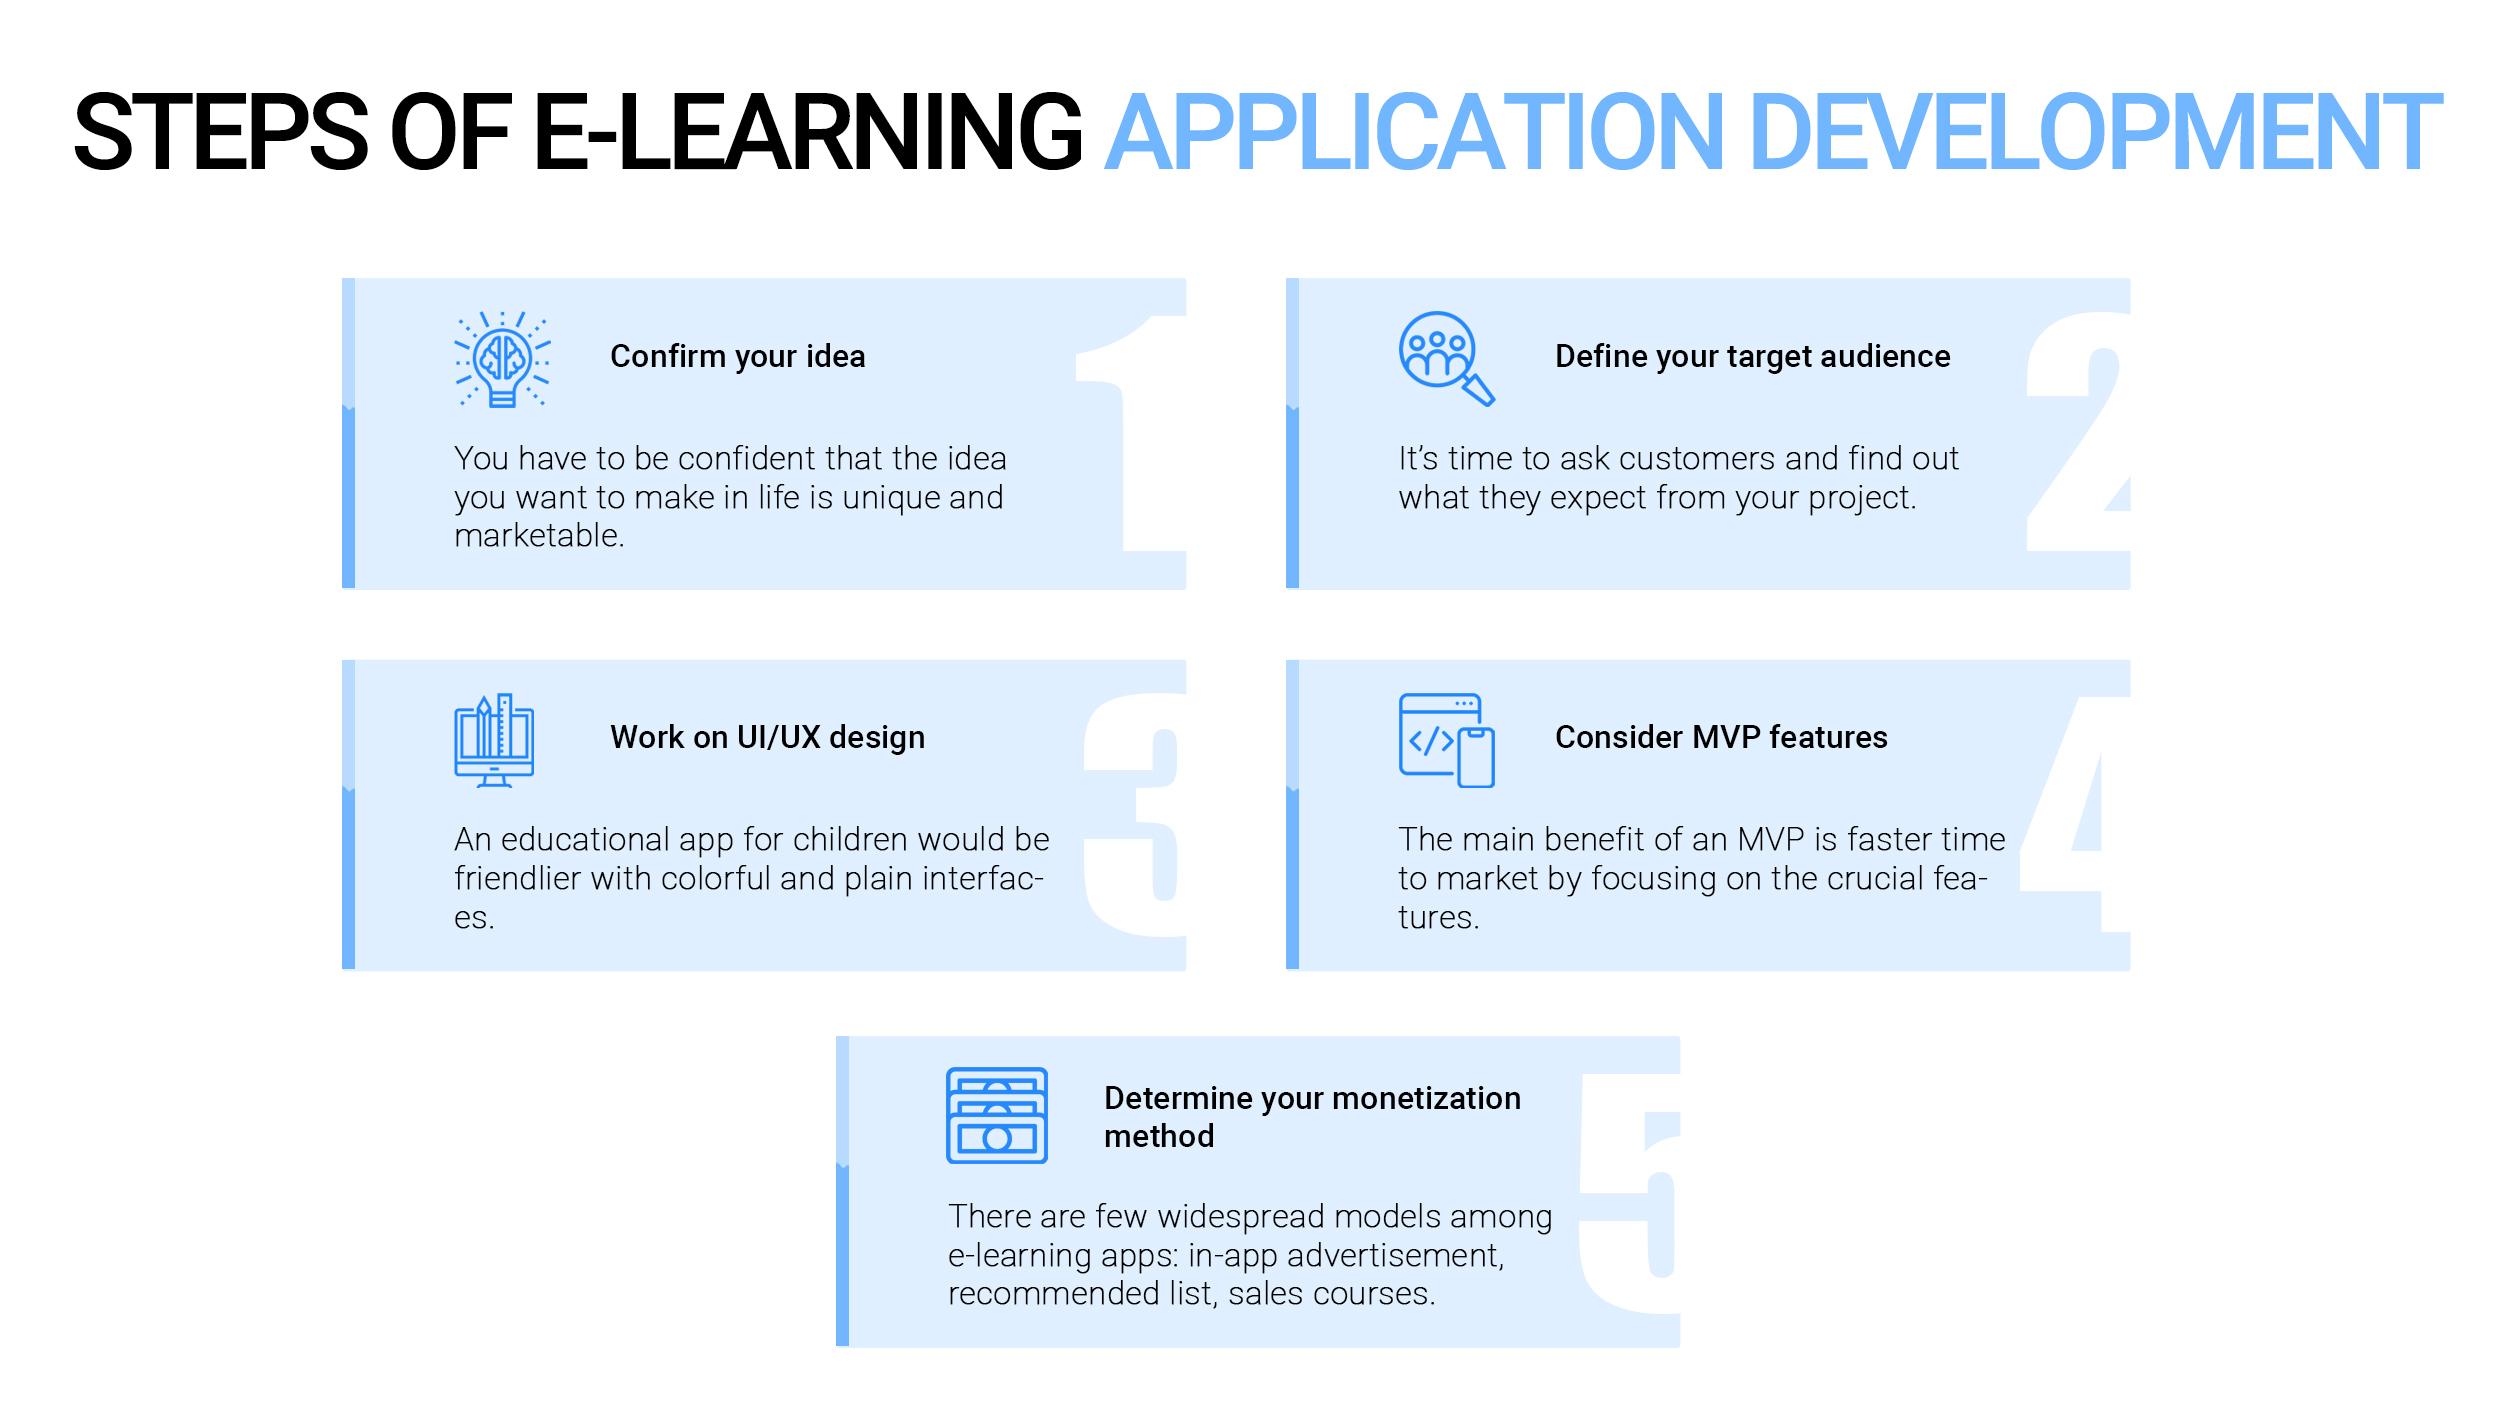 Steps of E-Learning Application Development